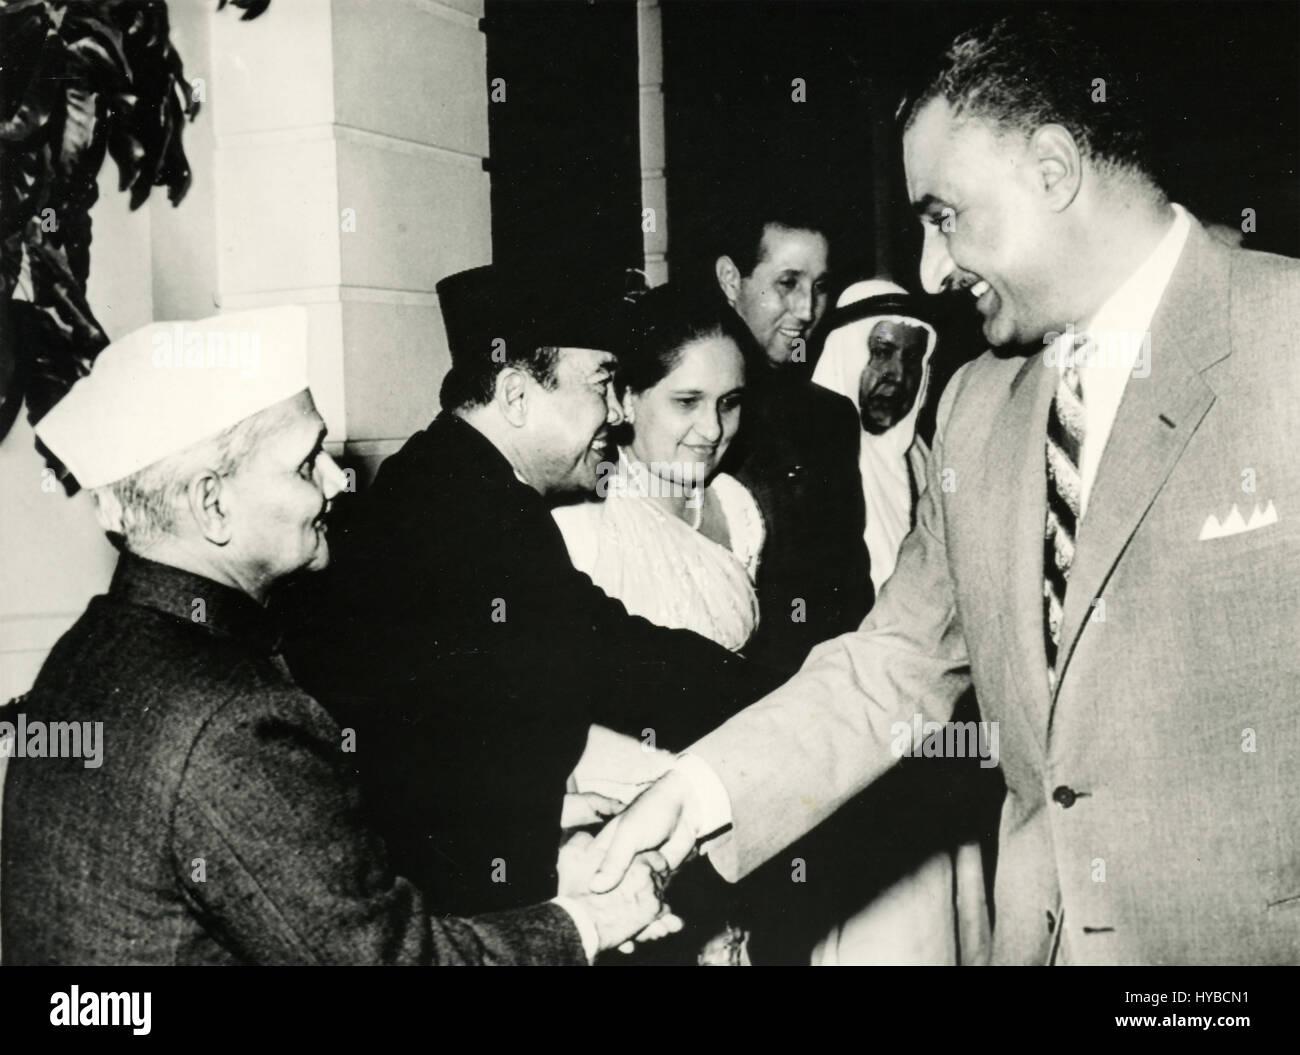 Egyptian president Gamal Abdel Nasser shake hands, Egypt - Stock Image